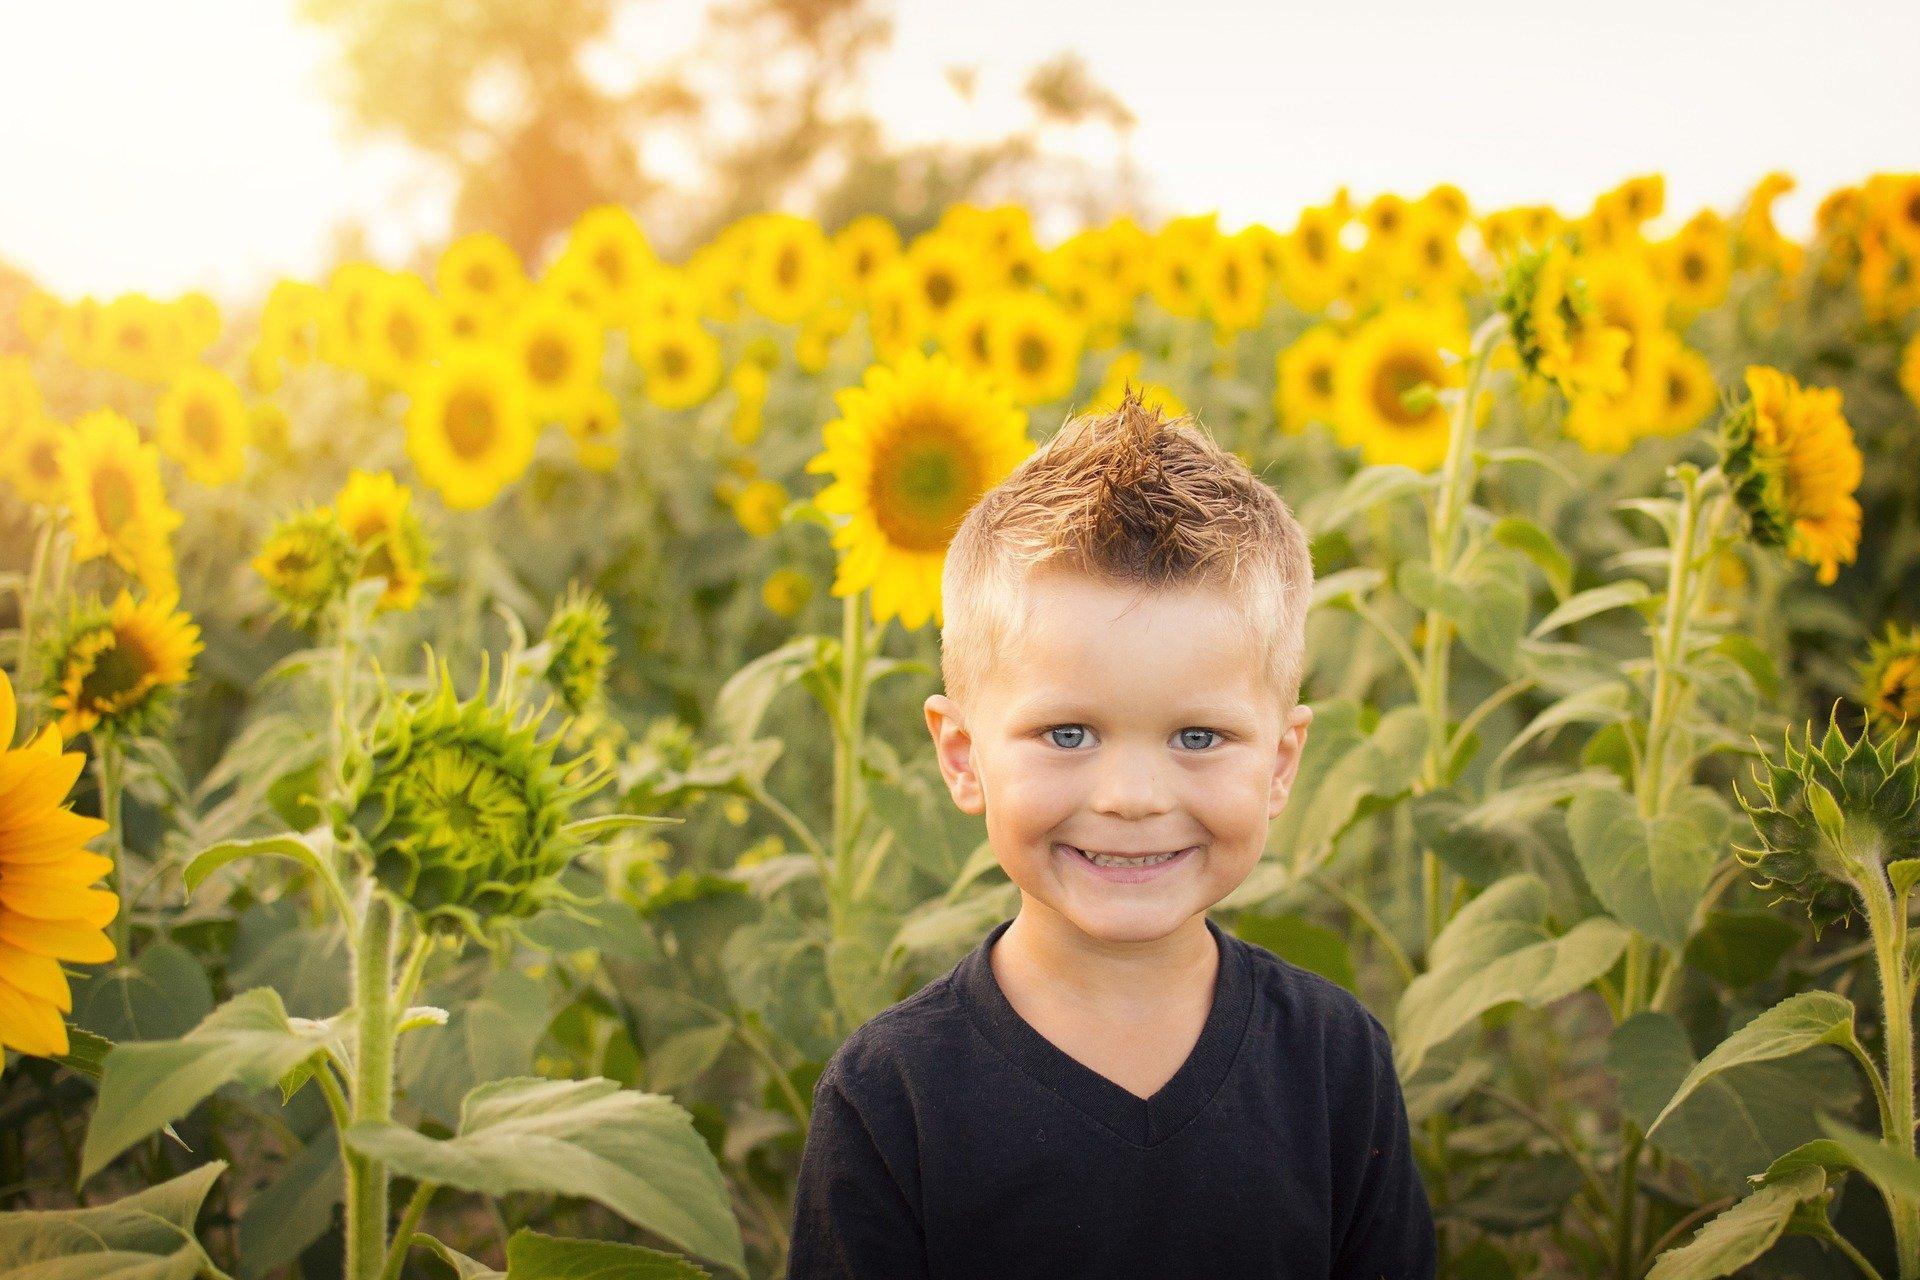 child 2086910 19201 - ¿Cómo alcanzar la felicidad?